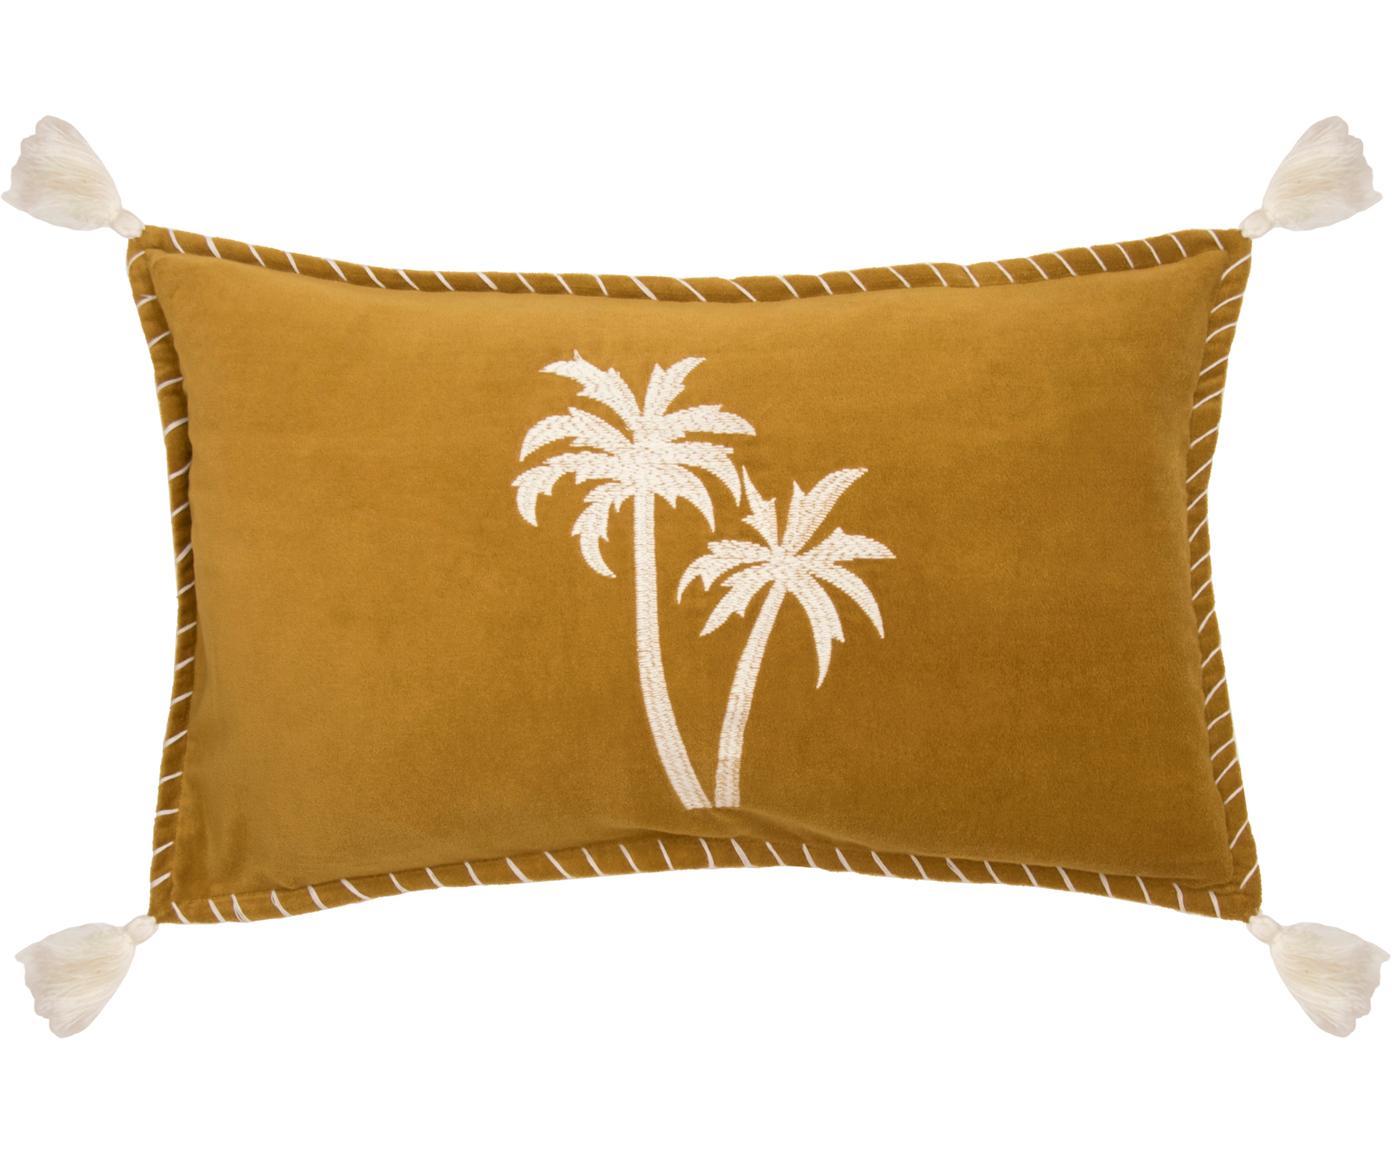 Kissenhülle Bali mit Palmen-Stickerei und Quasten, 50% Baumwolle, 50% Polyester, Senfgelb, Weiss, 30 x 50 cm